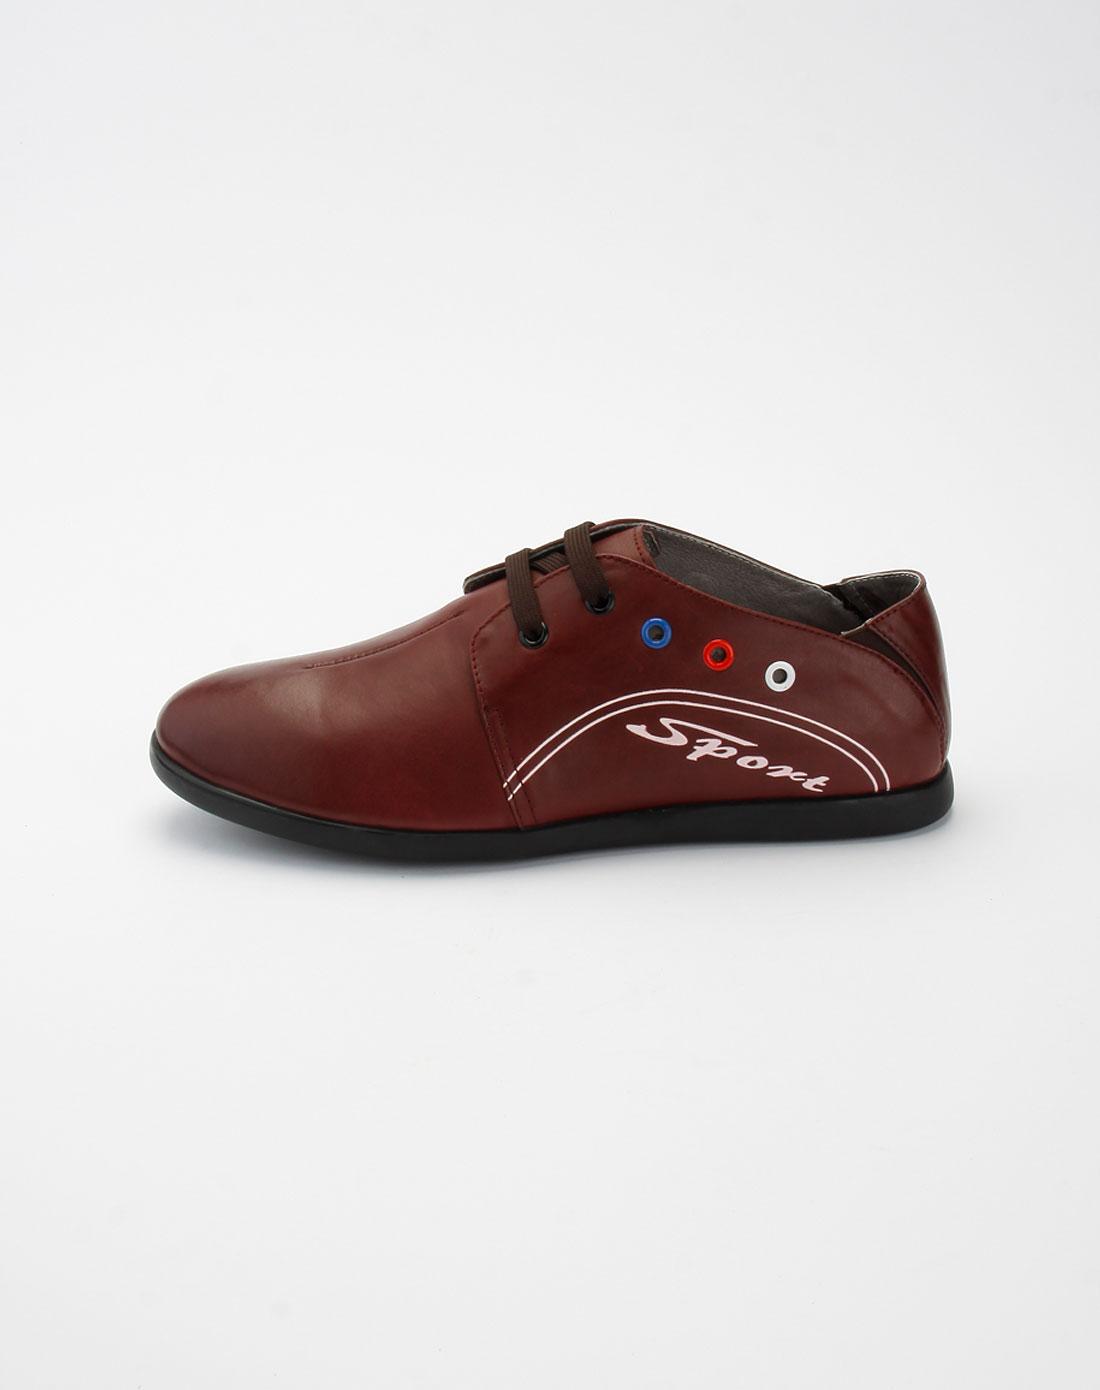 酒红色绑带时尚休闲皮鞋